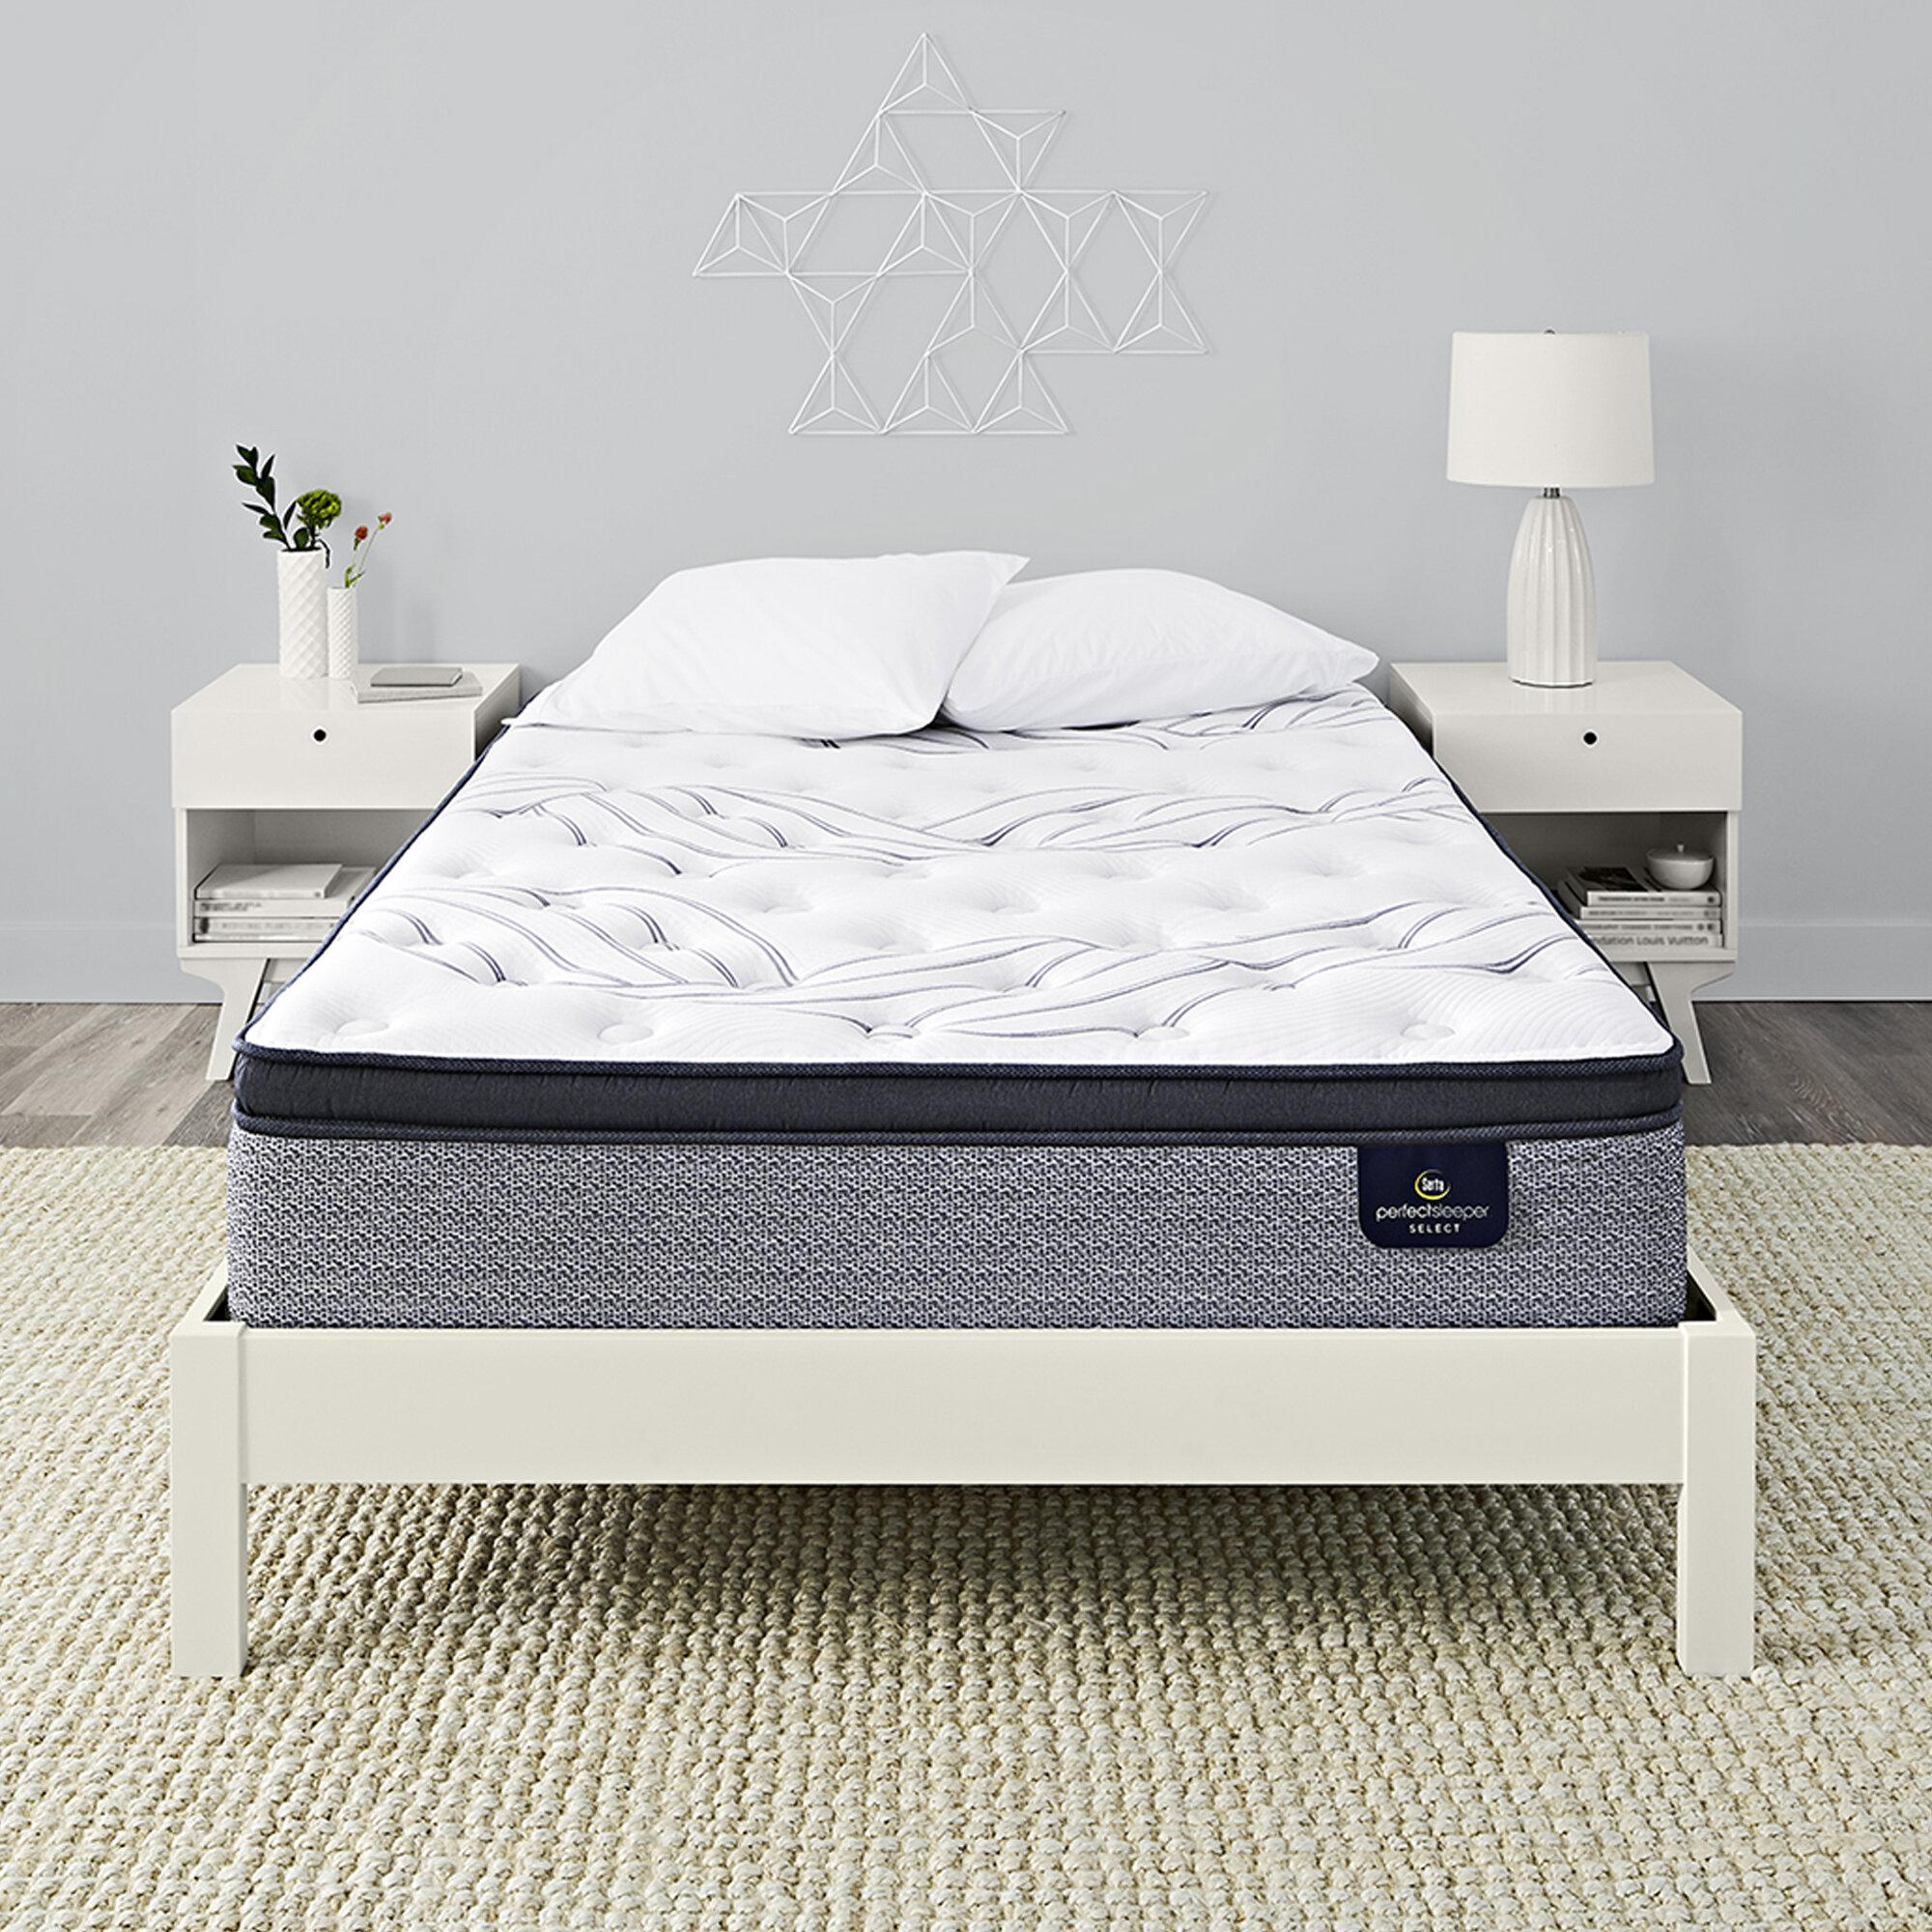 Serta 4 Pillow Top And Memory Foam Mattress Topper Cal King Home Garden Bedding